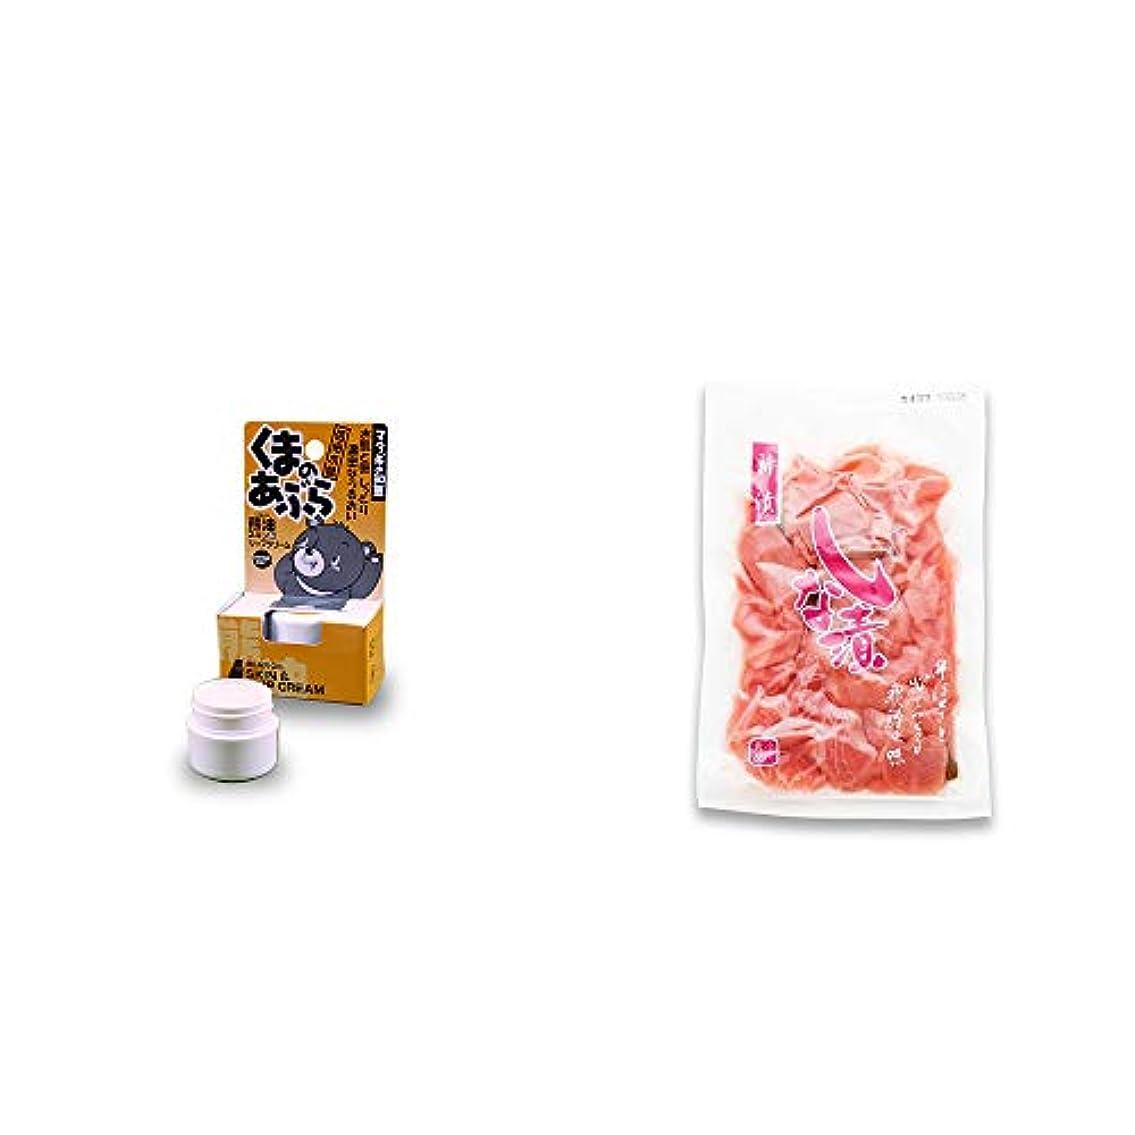 フェリーストローク取り壊す[2点セット] 信州木曽 くまのあぶら 熊油スキン&リップクリーム(9g)?しな漬け(160g)